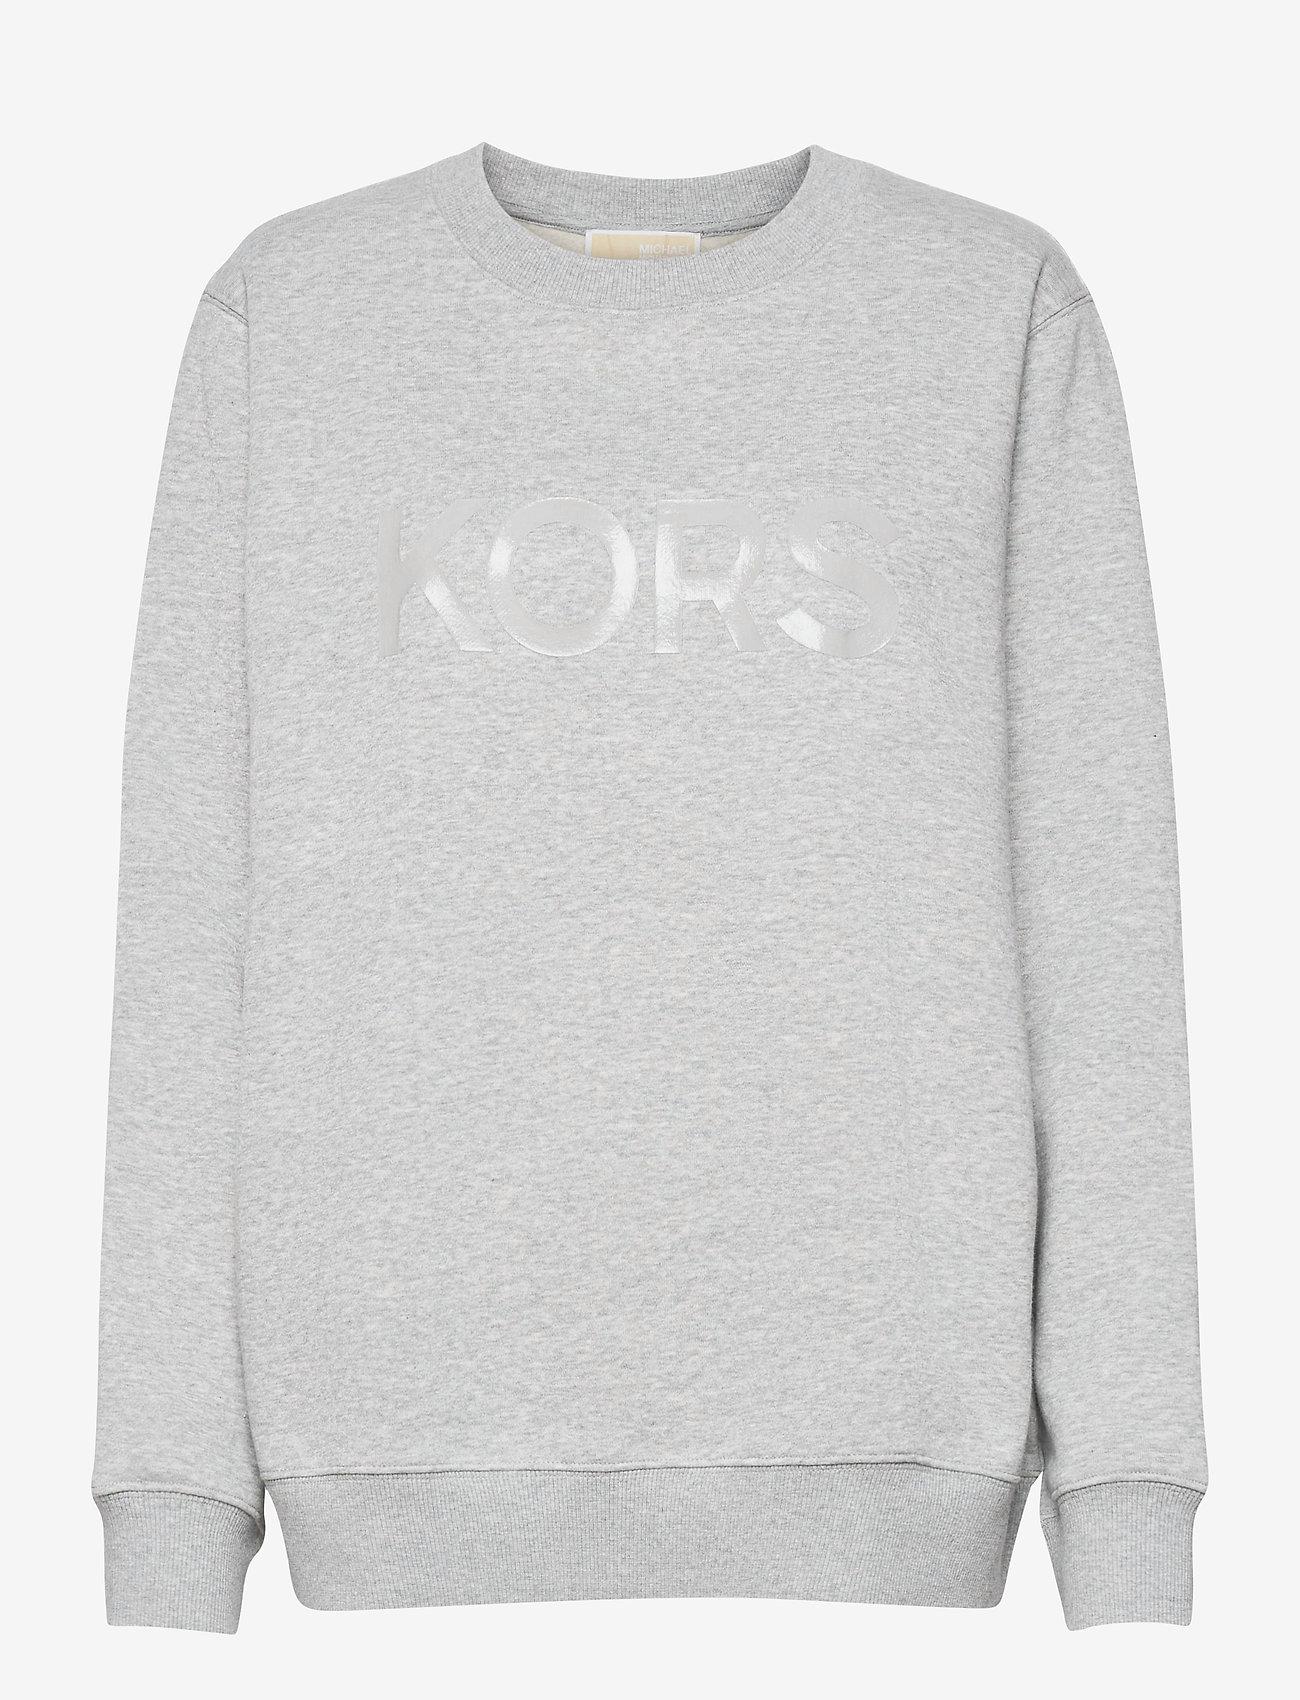 Michael Kors - UNISEX TONAL SWEATSHIRT - sweatshirts en hoodies - pearl hthr - 0